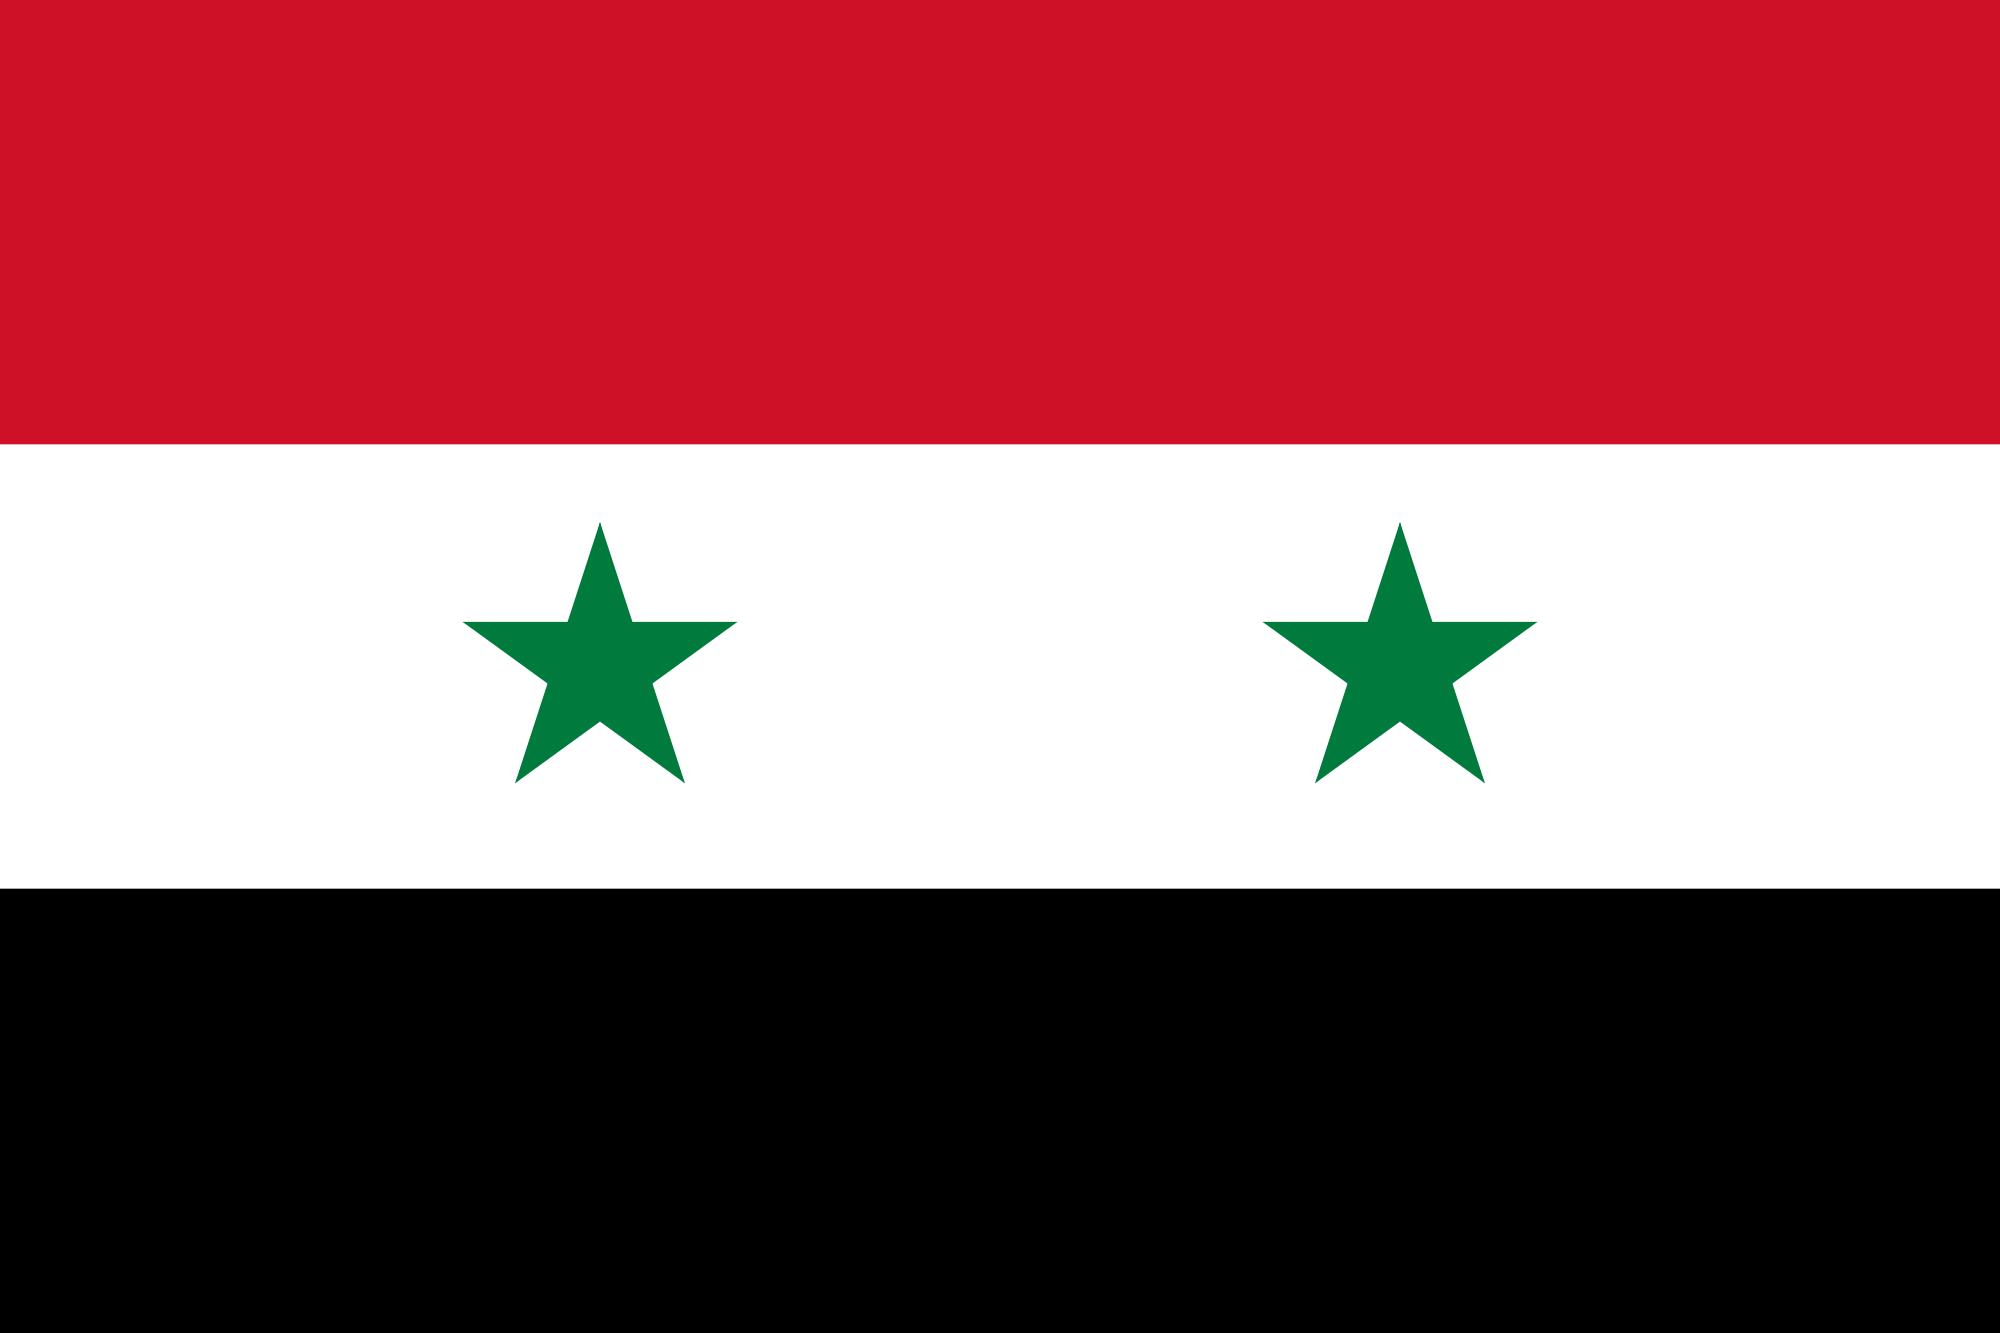 سعر الذهب اليوم فى سوريا